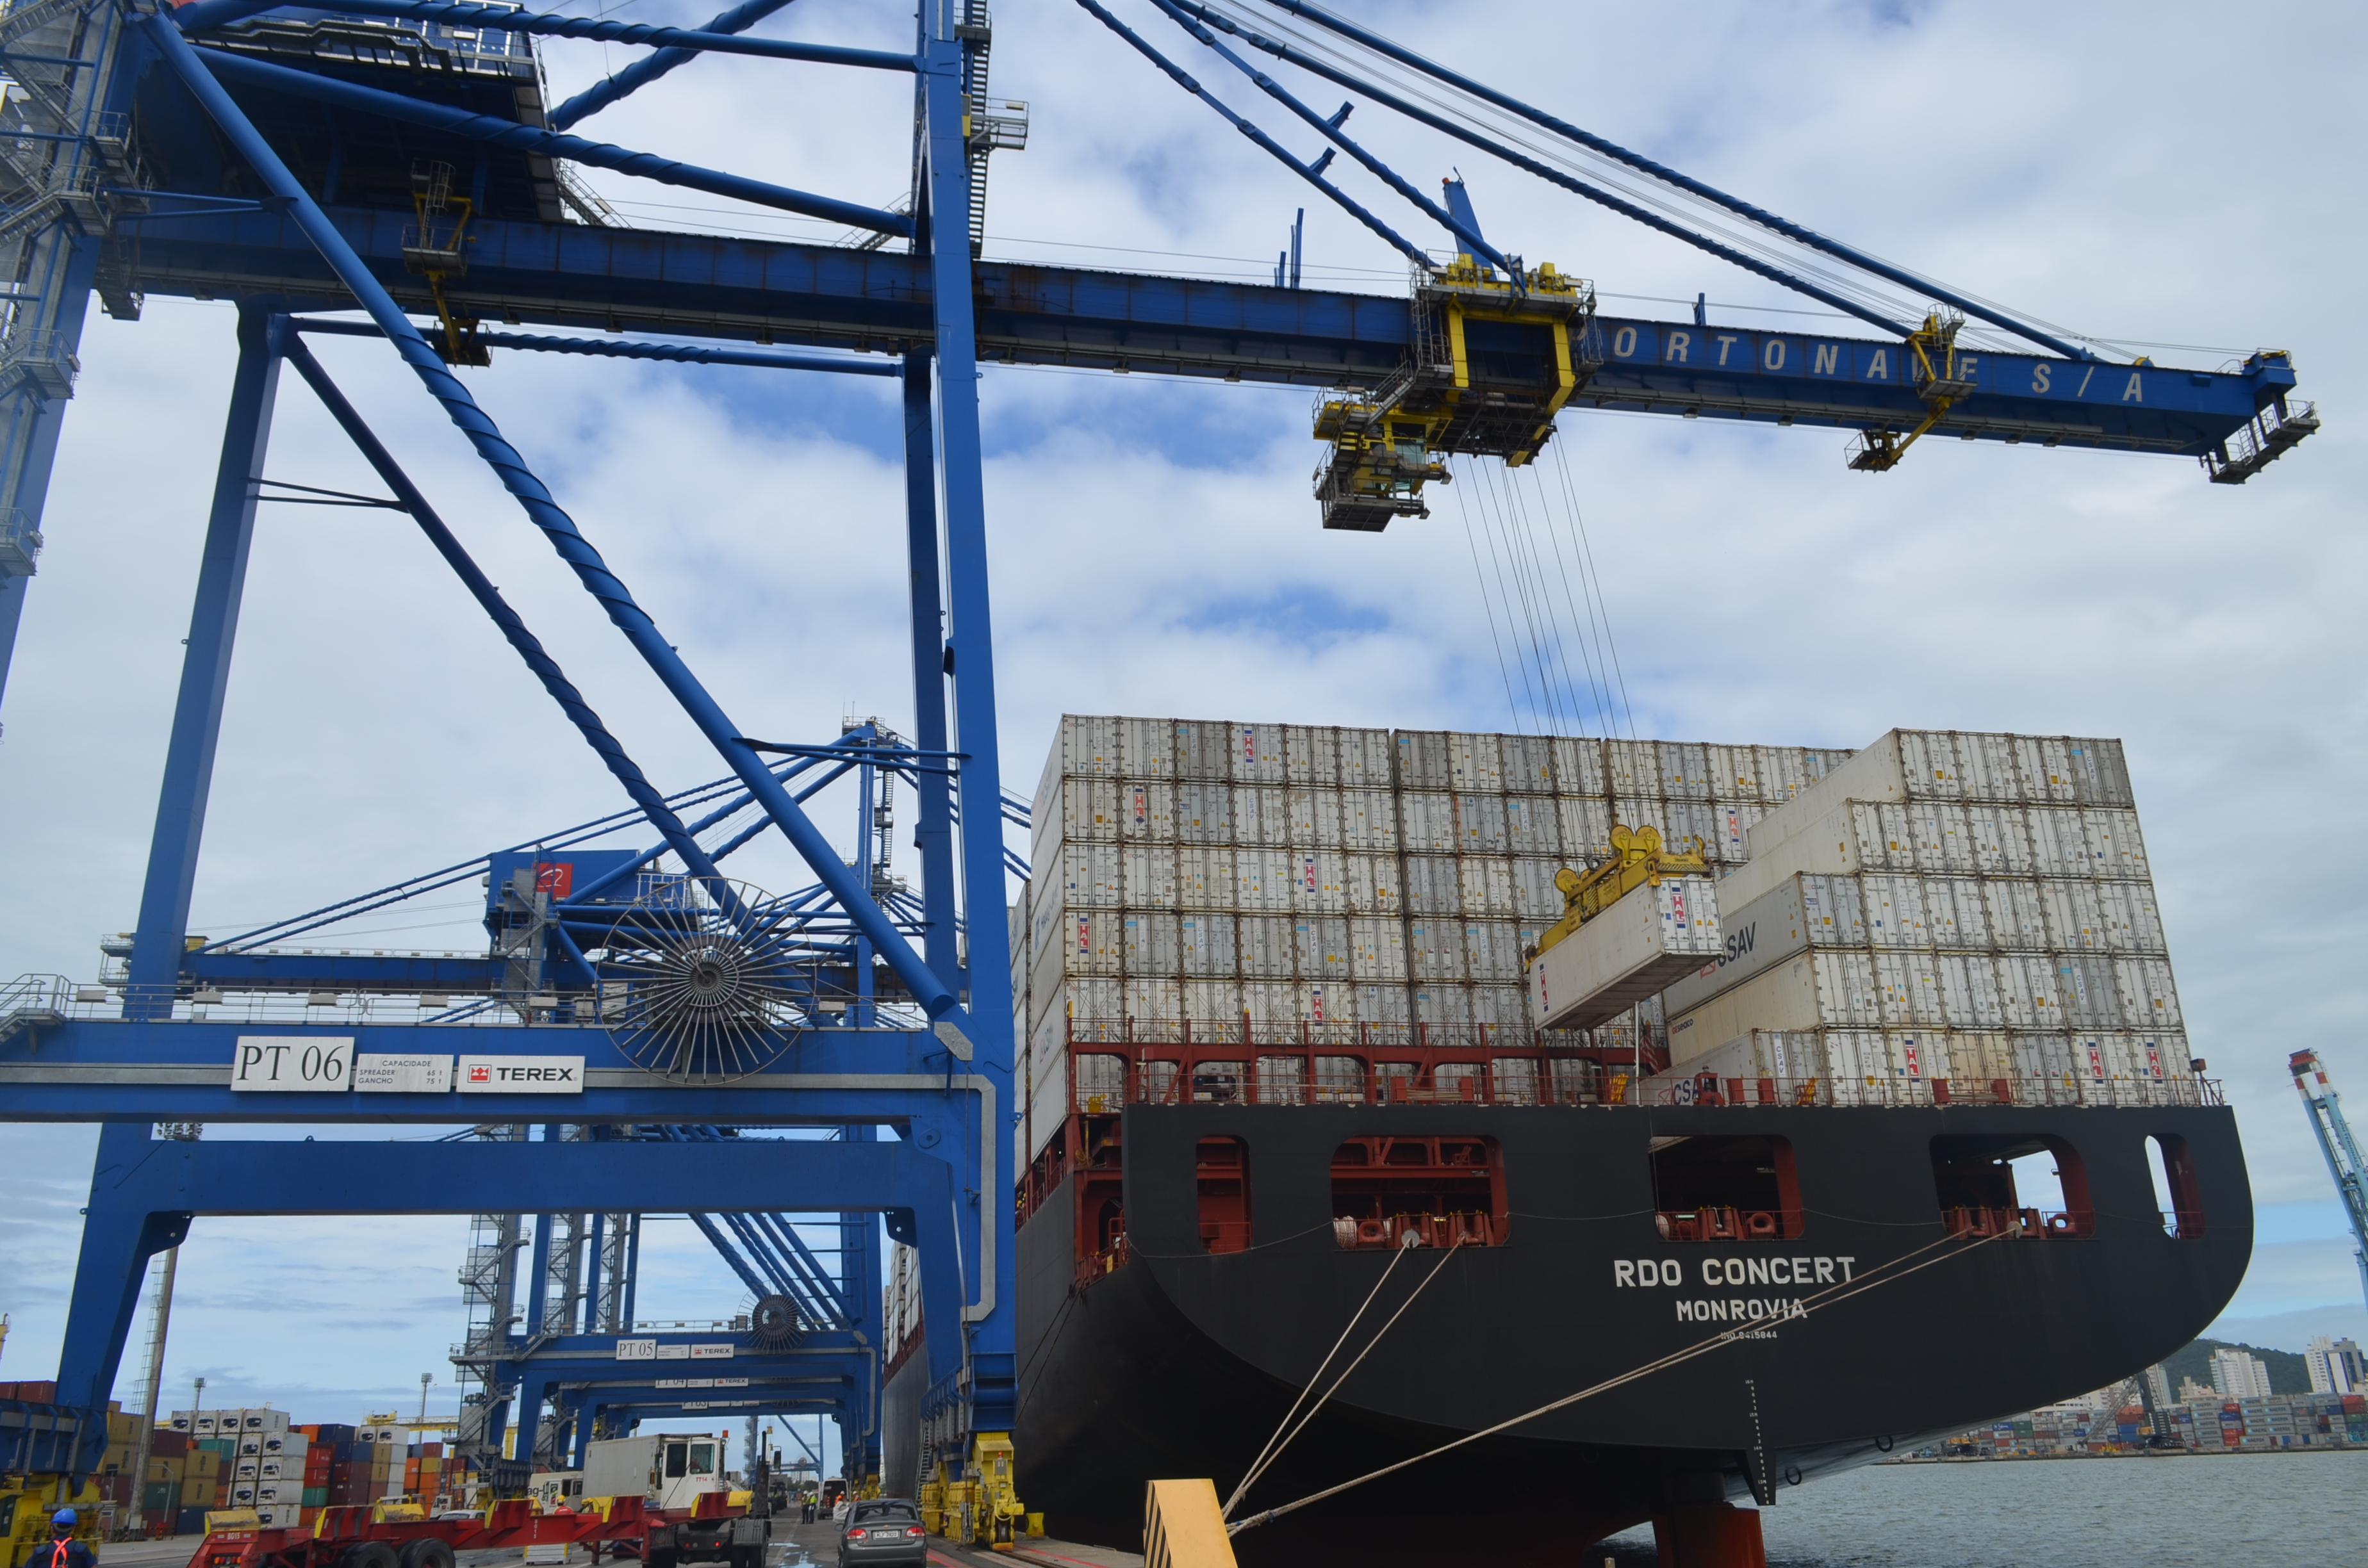 Portonave bate recorde de movimentação da Região Sul   Portonave